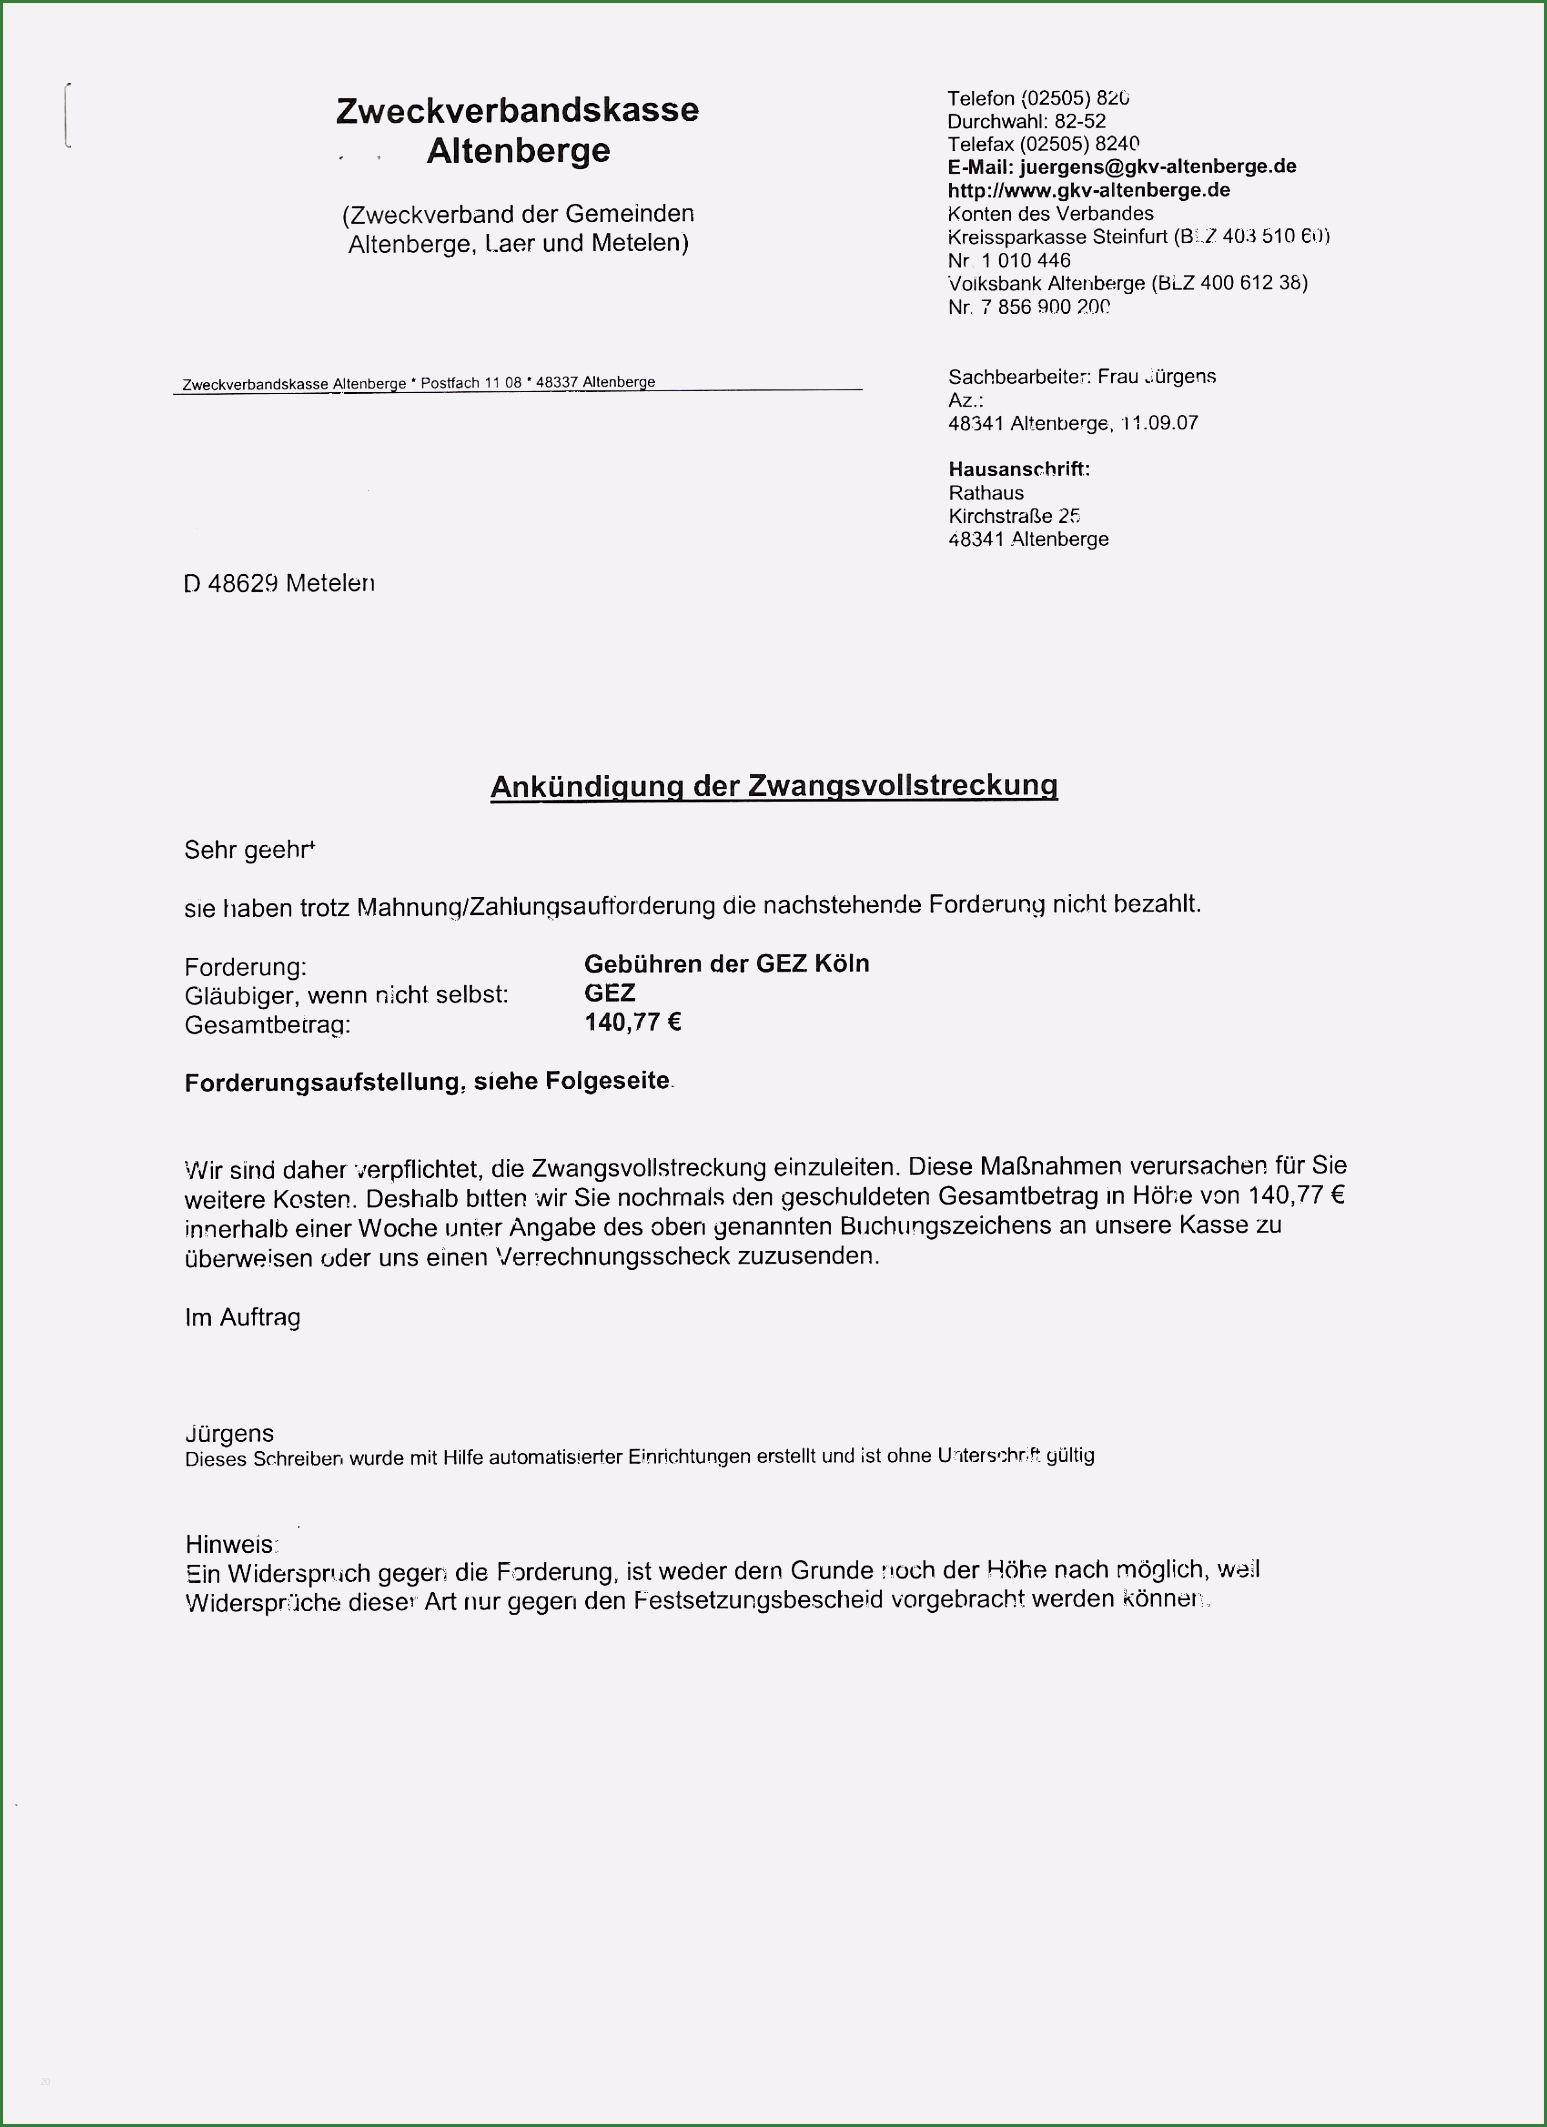 19 Hervorragend Festsetzungsbescheid Gez Widerspruch Vorlage Fur 2020 In 2020 Zwangsvollstreckung Vollstreckung Vorlagen